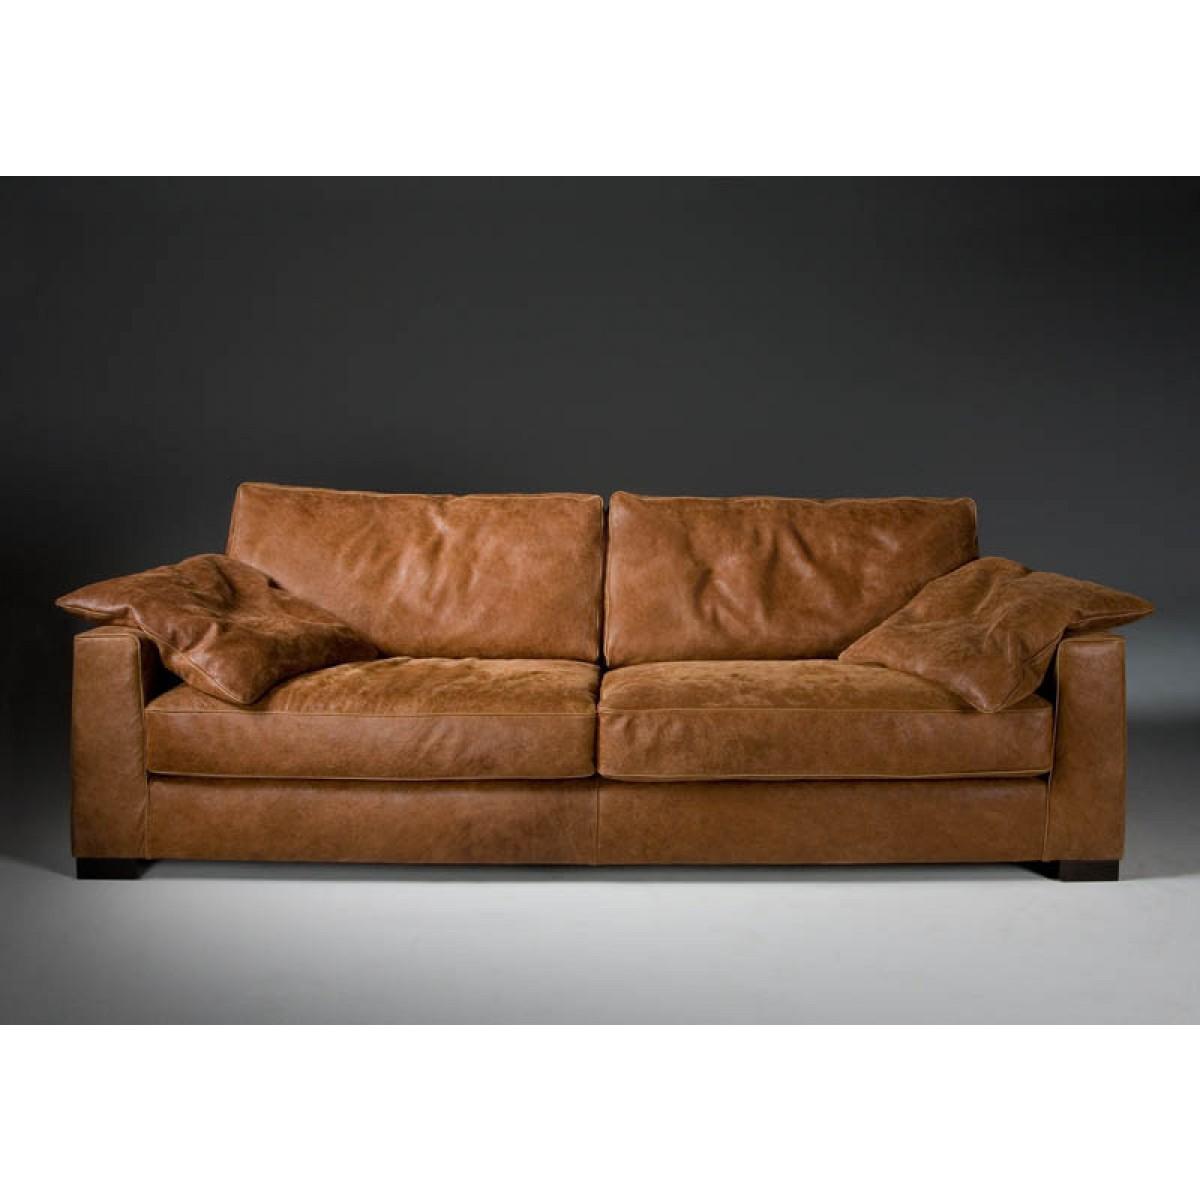 rockefeller sofa l 39 ancora collection i live design preisg nstig online moebel kaufen. Black Bedroom Furniture Sets. Home Design Ideas